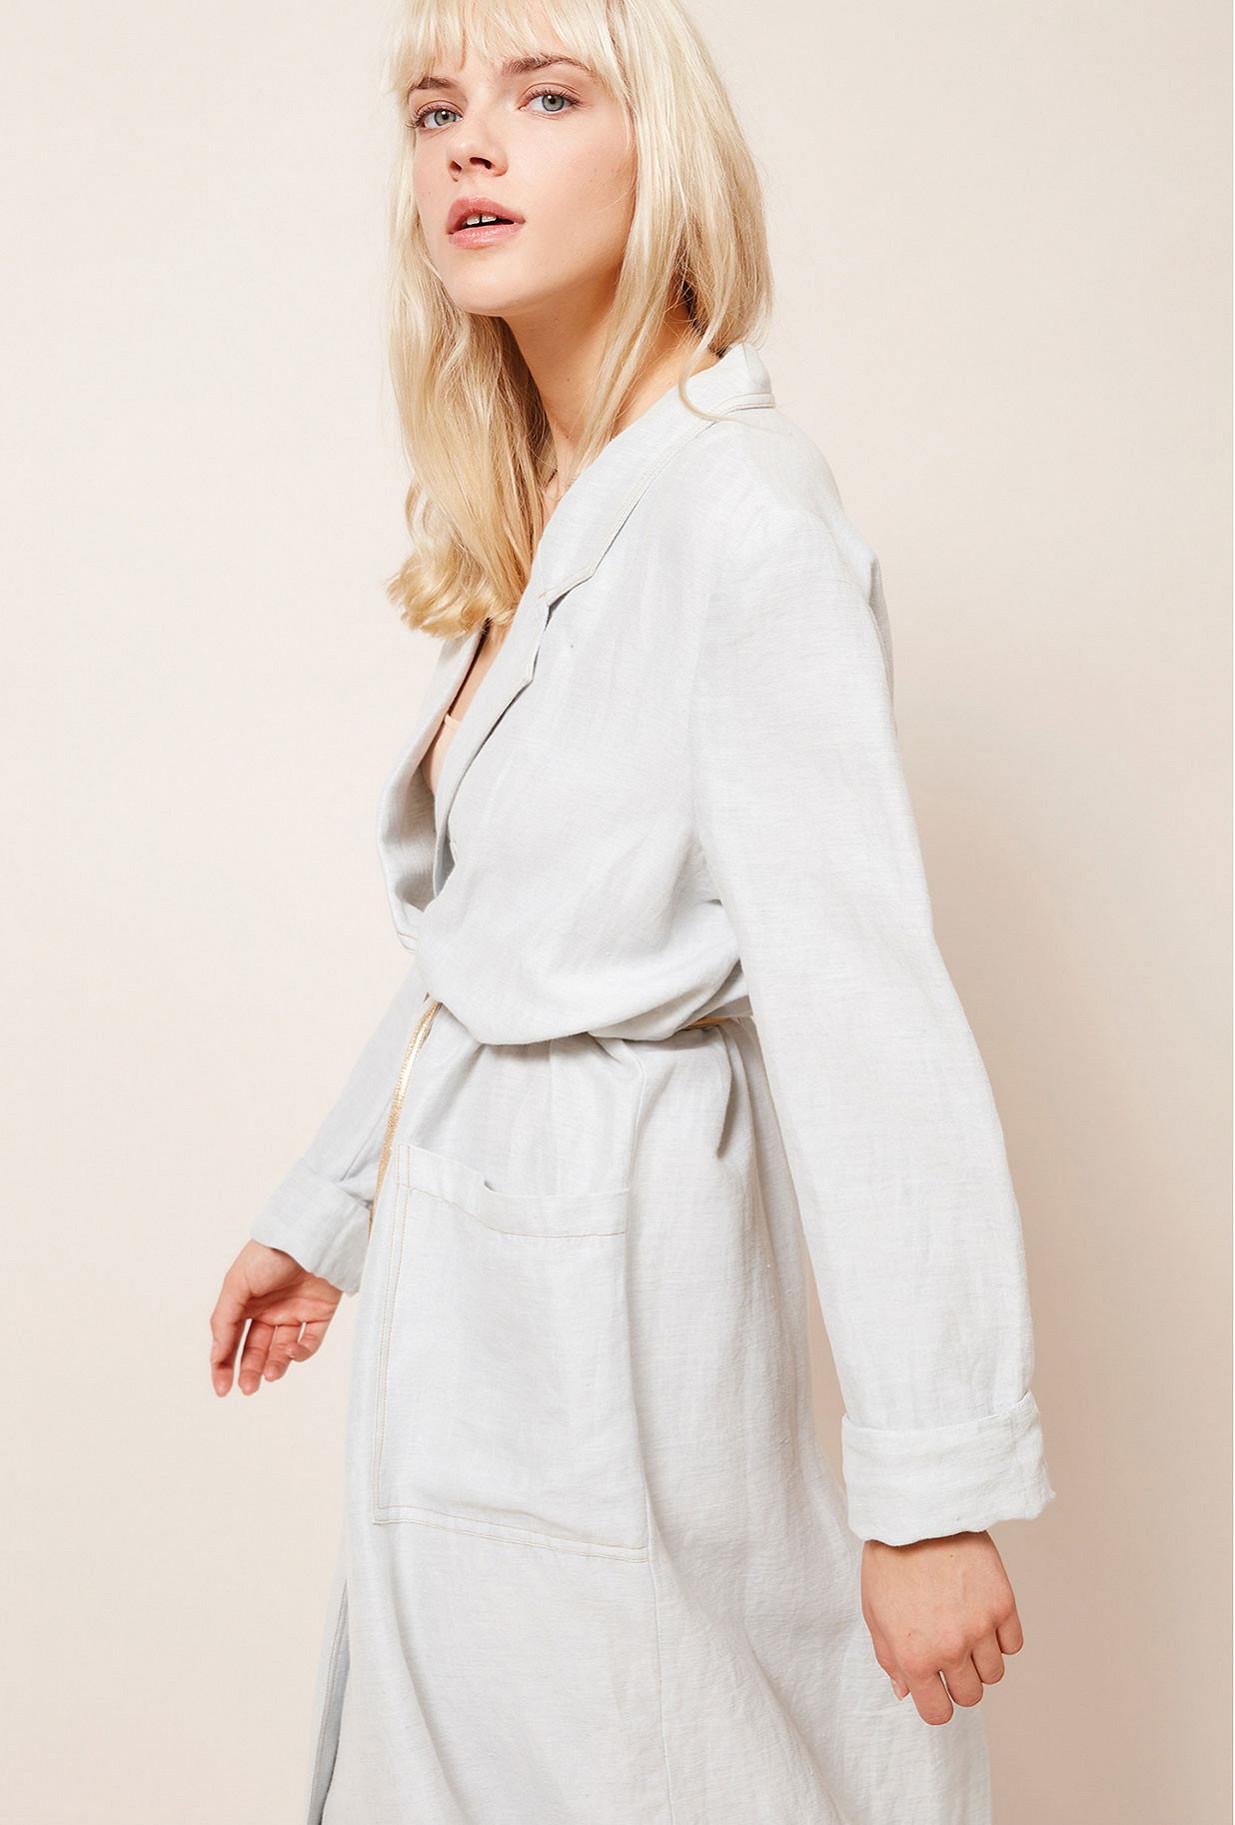 Paris clothes store Coat  East Wood french designer fashion Paris